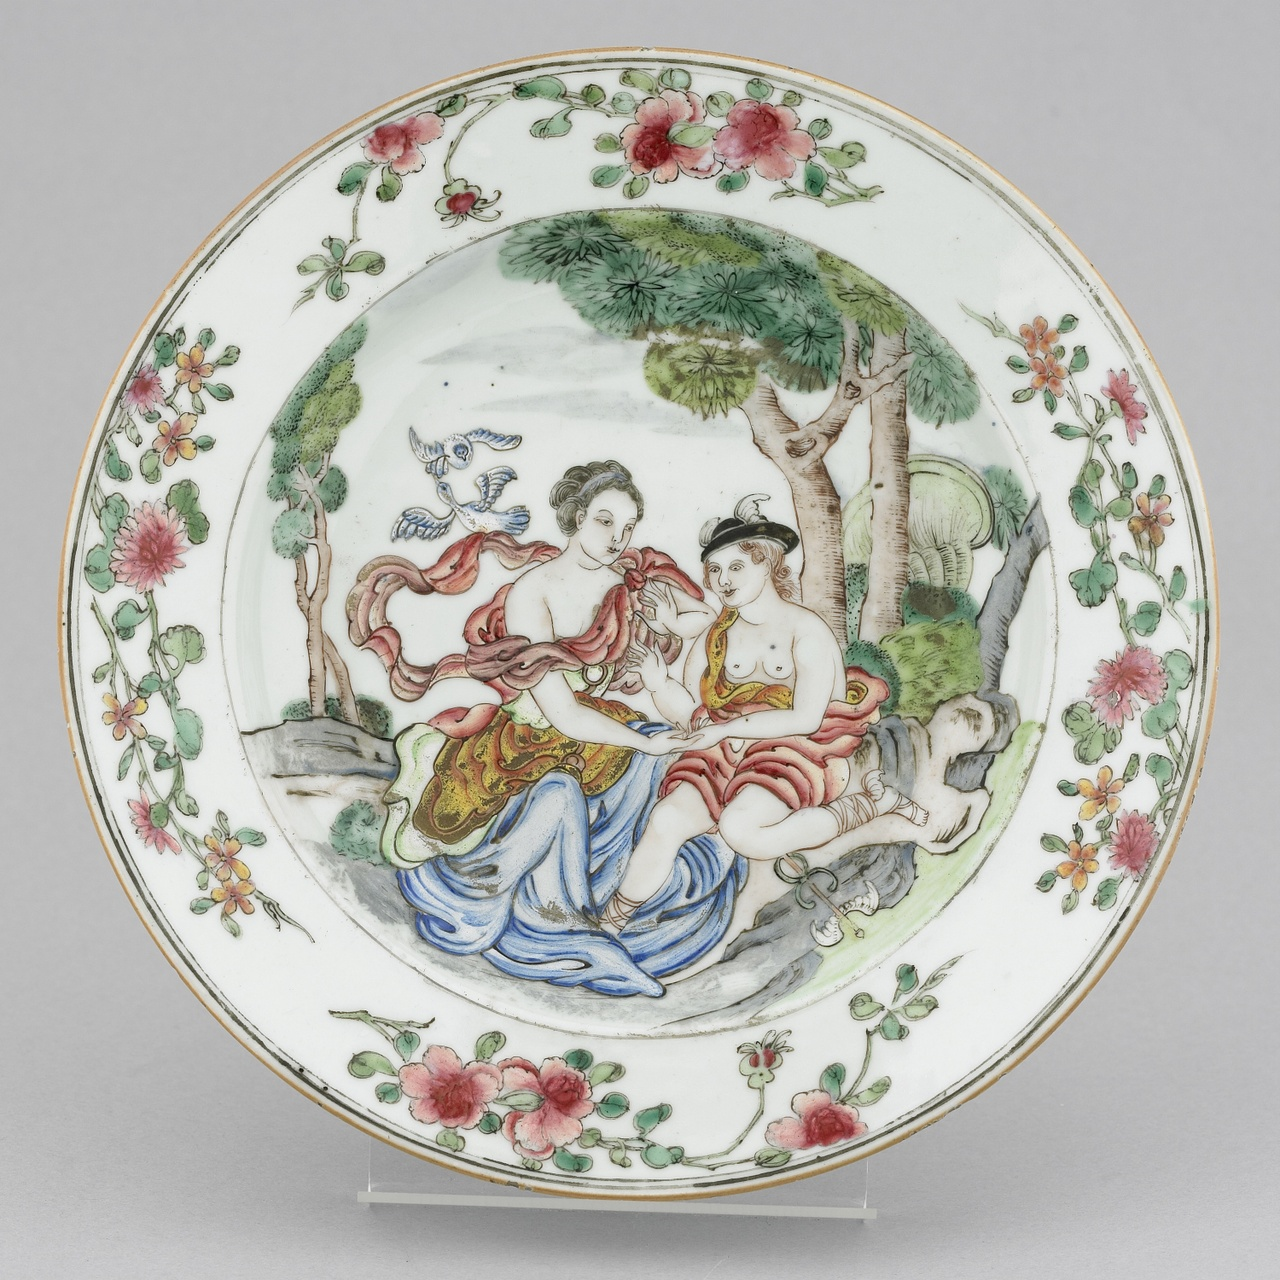 Chine de commande bord met Venus en Hermes in Famille rose kleuren